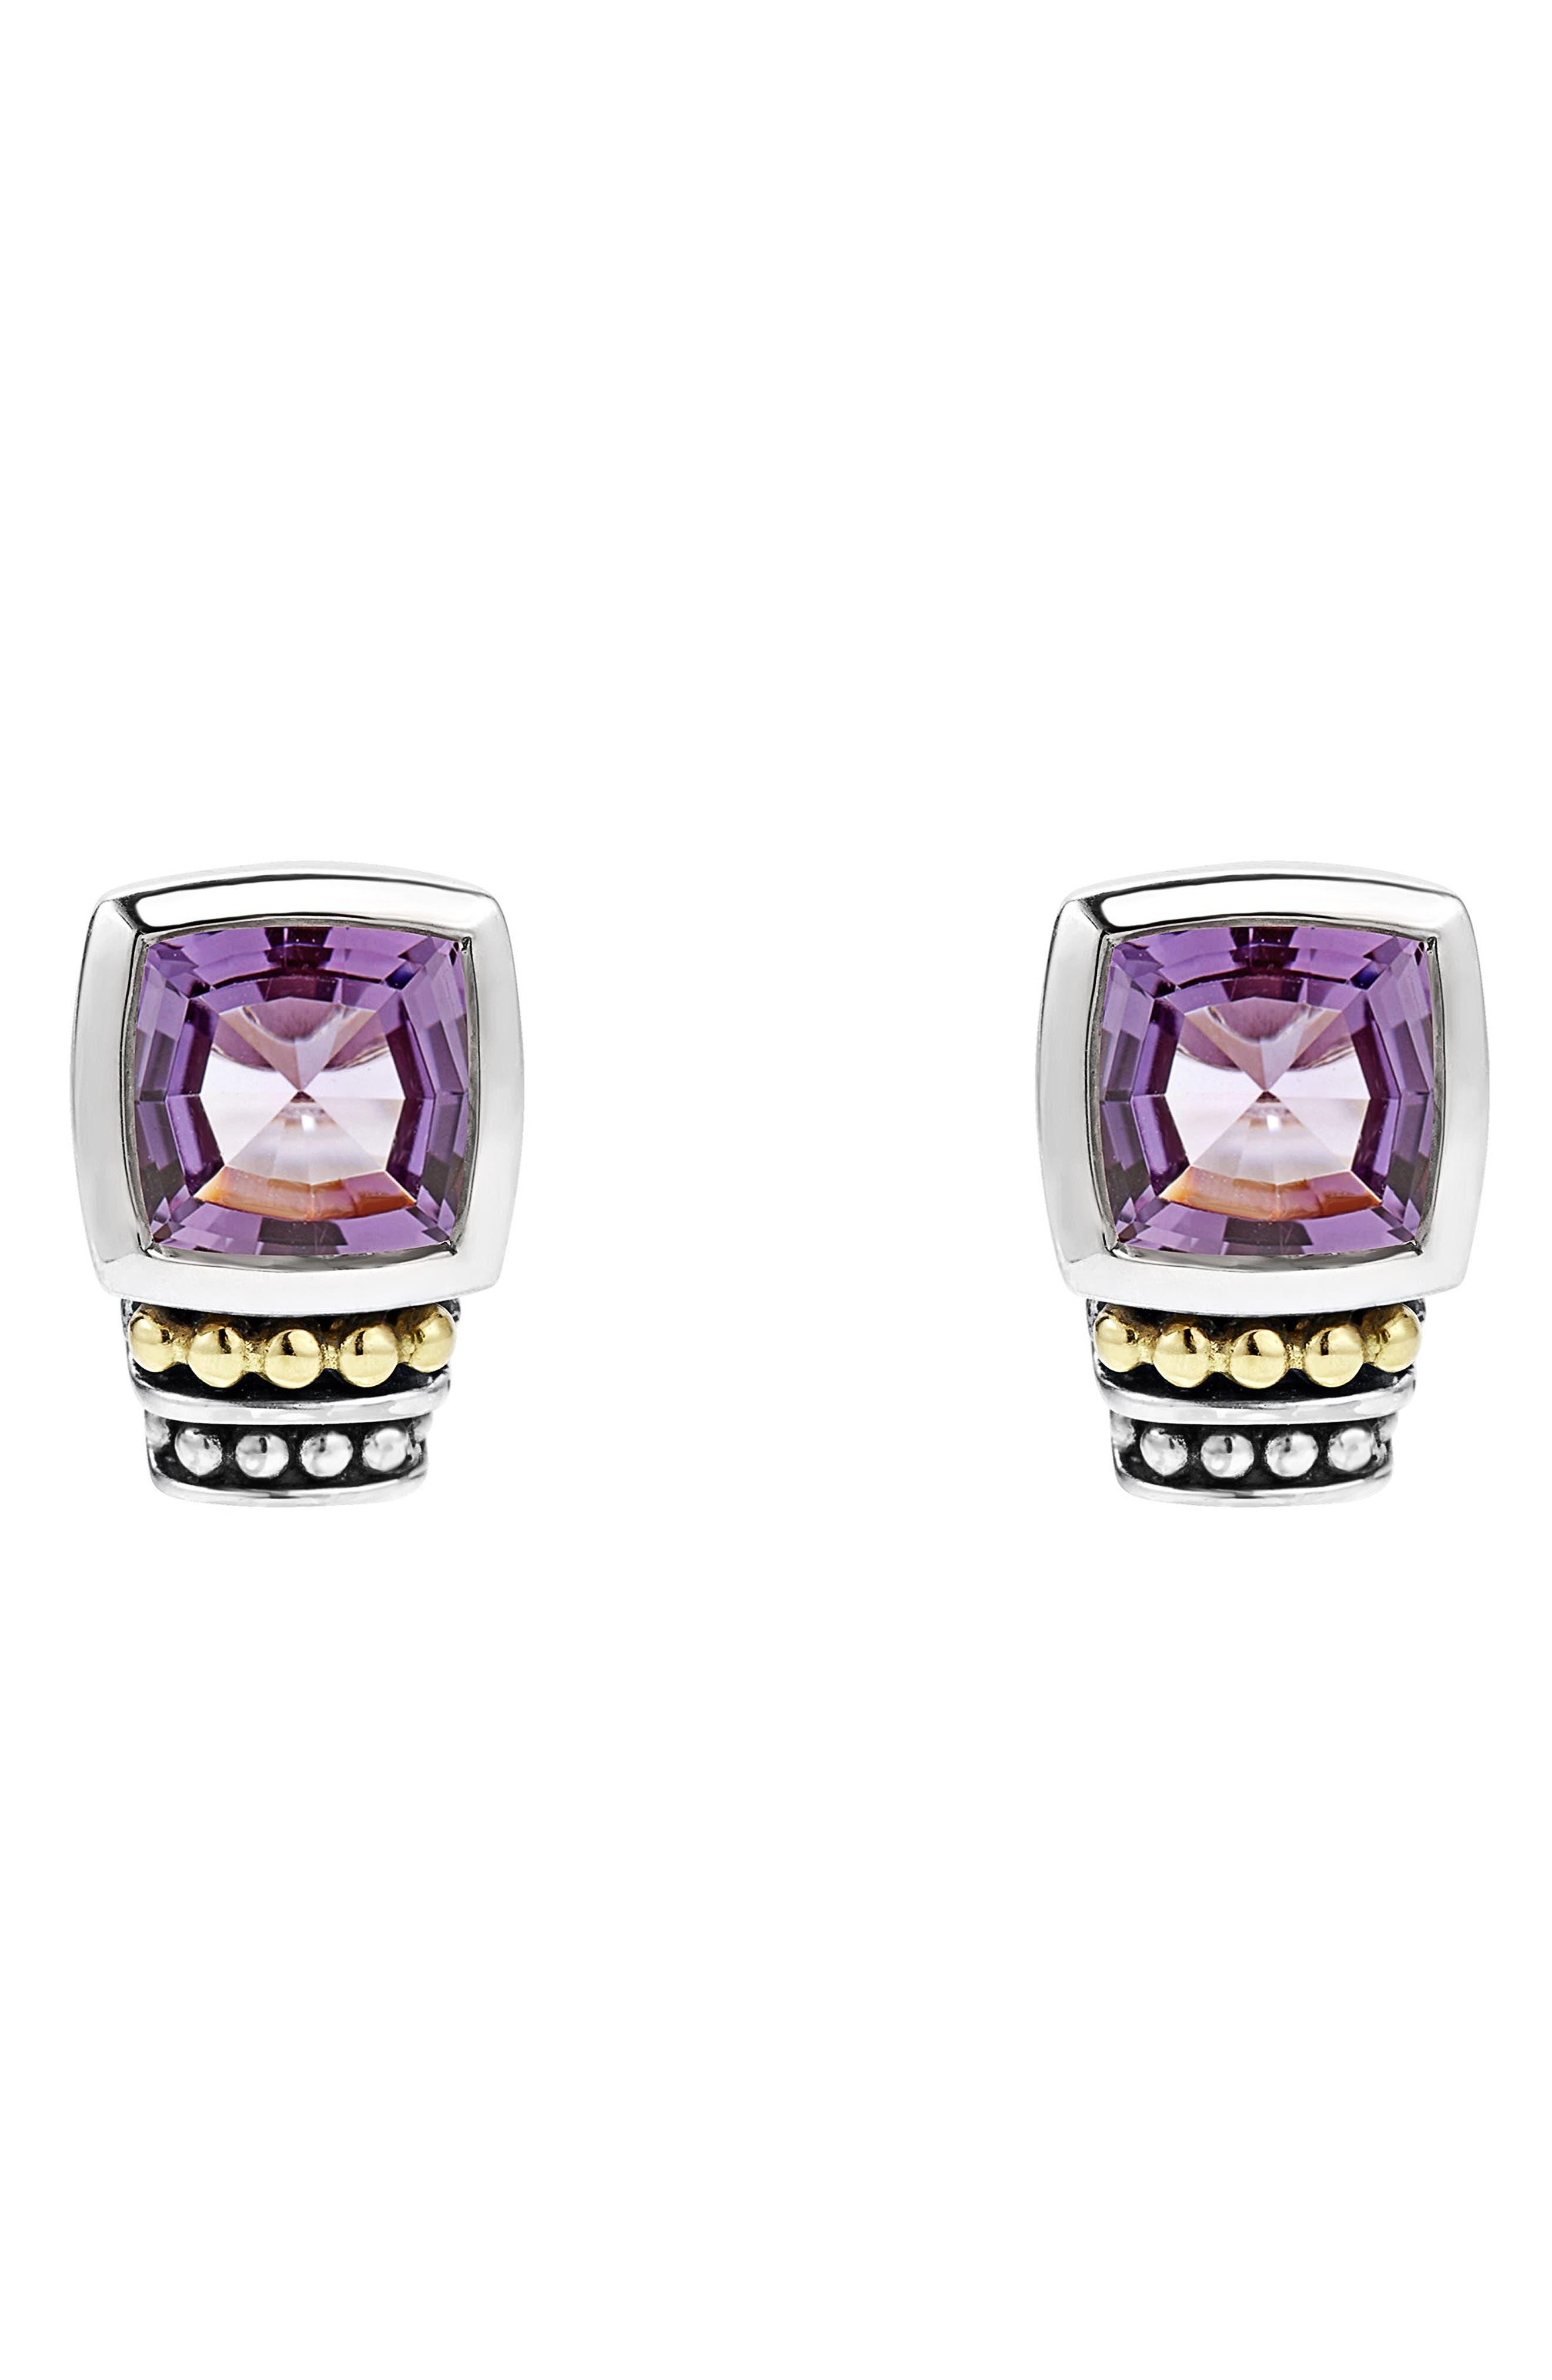 'Caviar Color' Semiprecious Stone Stud Earrings,                             Main thumbnail 1, color,                             Amethyst